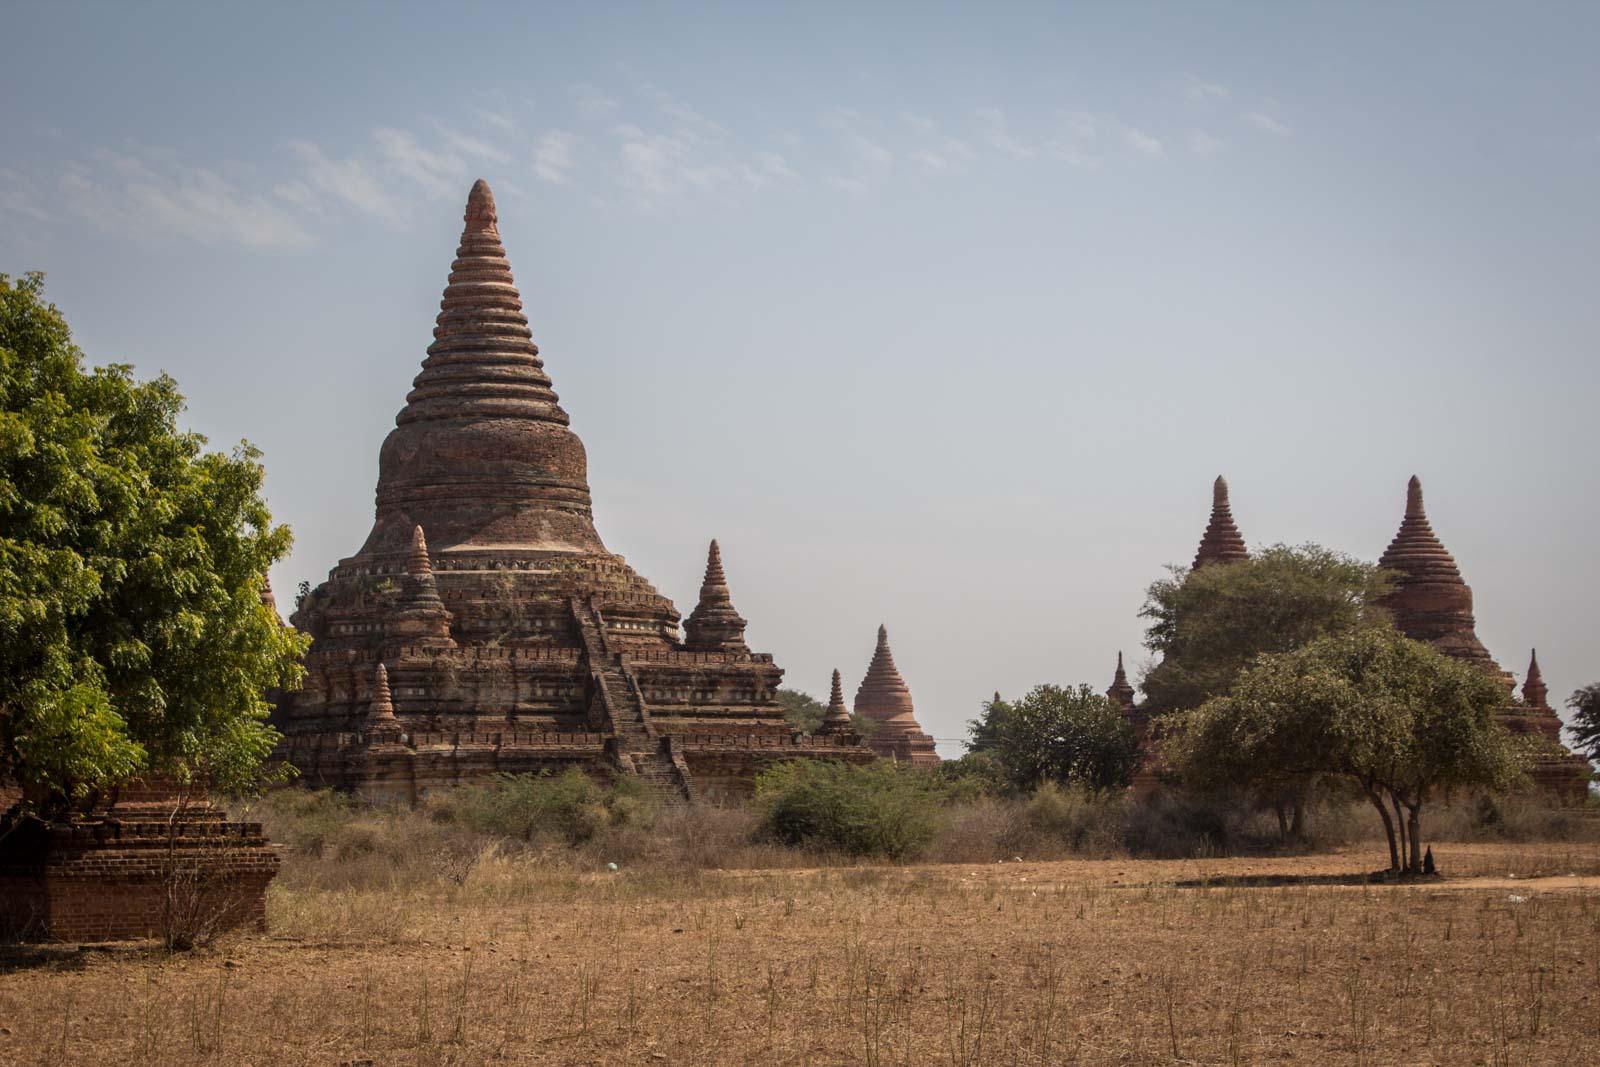 The ancient city of Bagan, Myanmar